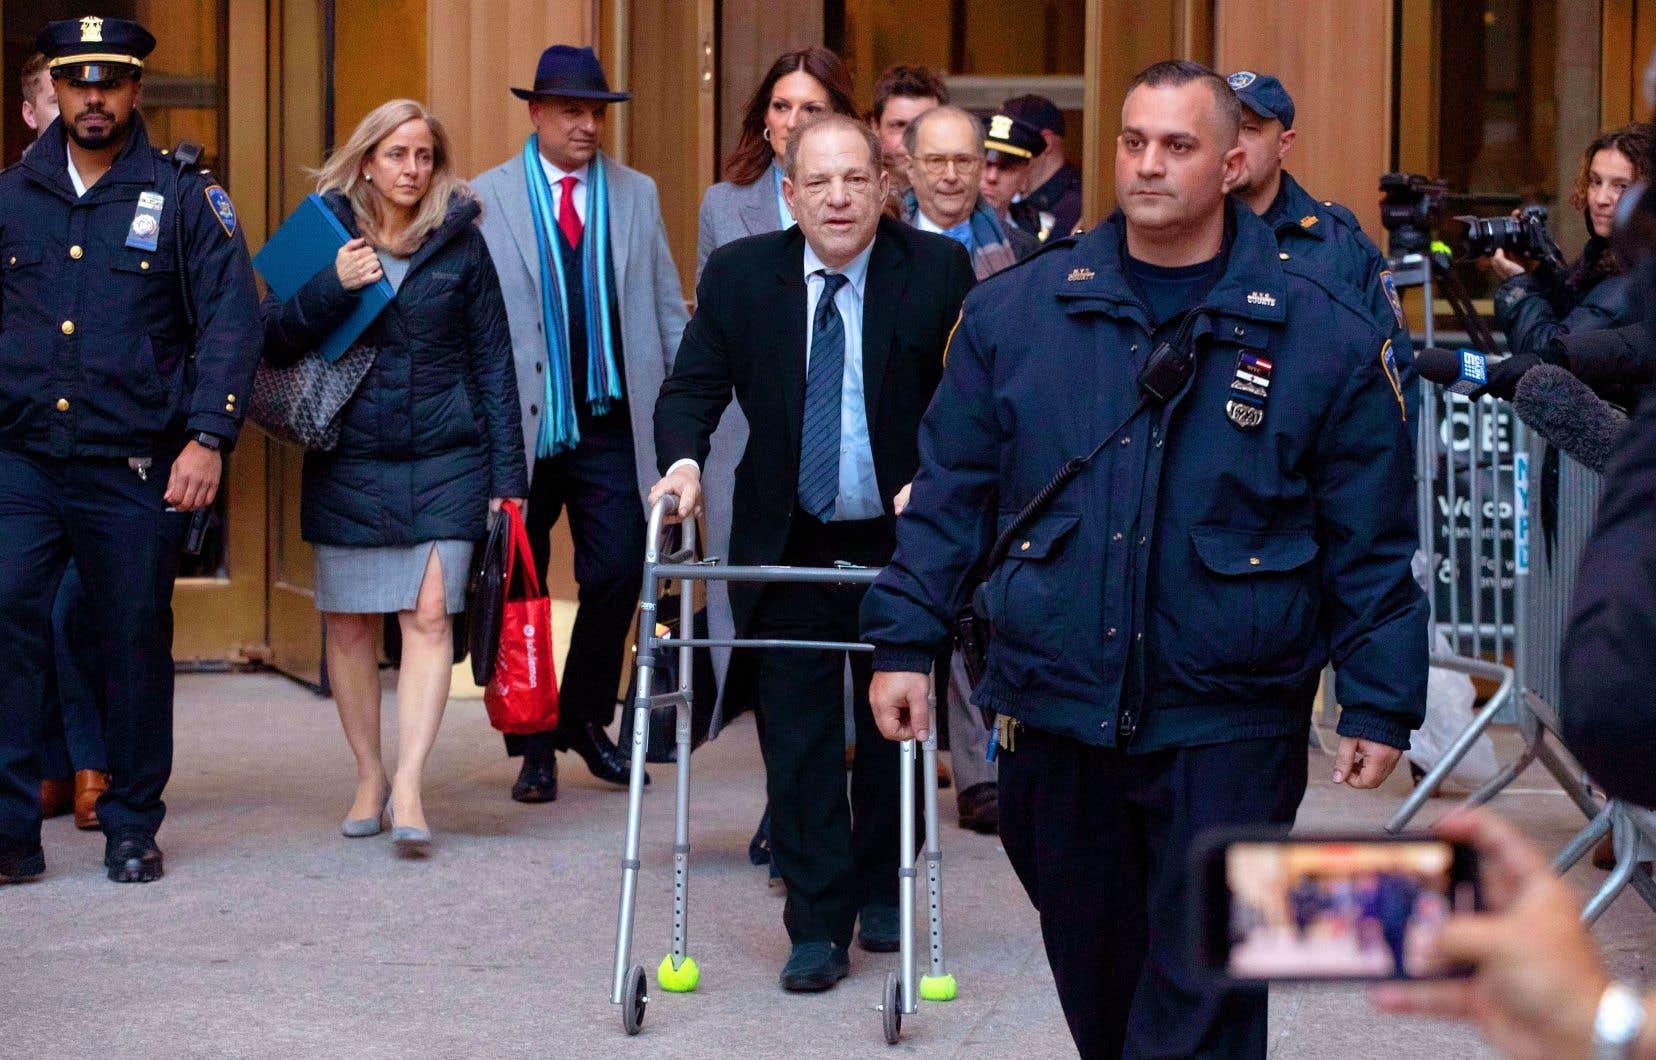 Harvey Weinstein a quitté le palais de justice de Manhattan, appuyé sur sa marchette, au terme de la première journée de son procès.